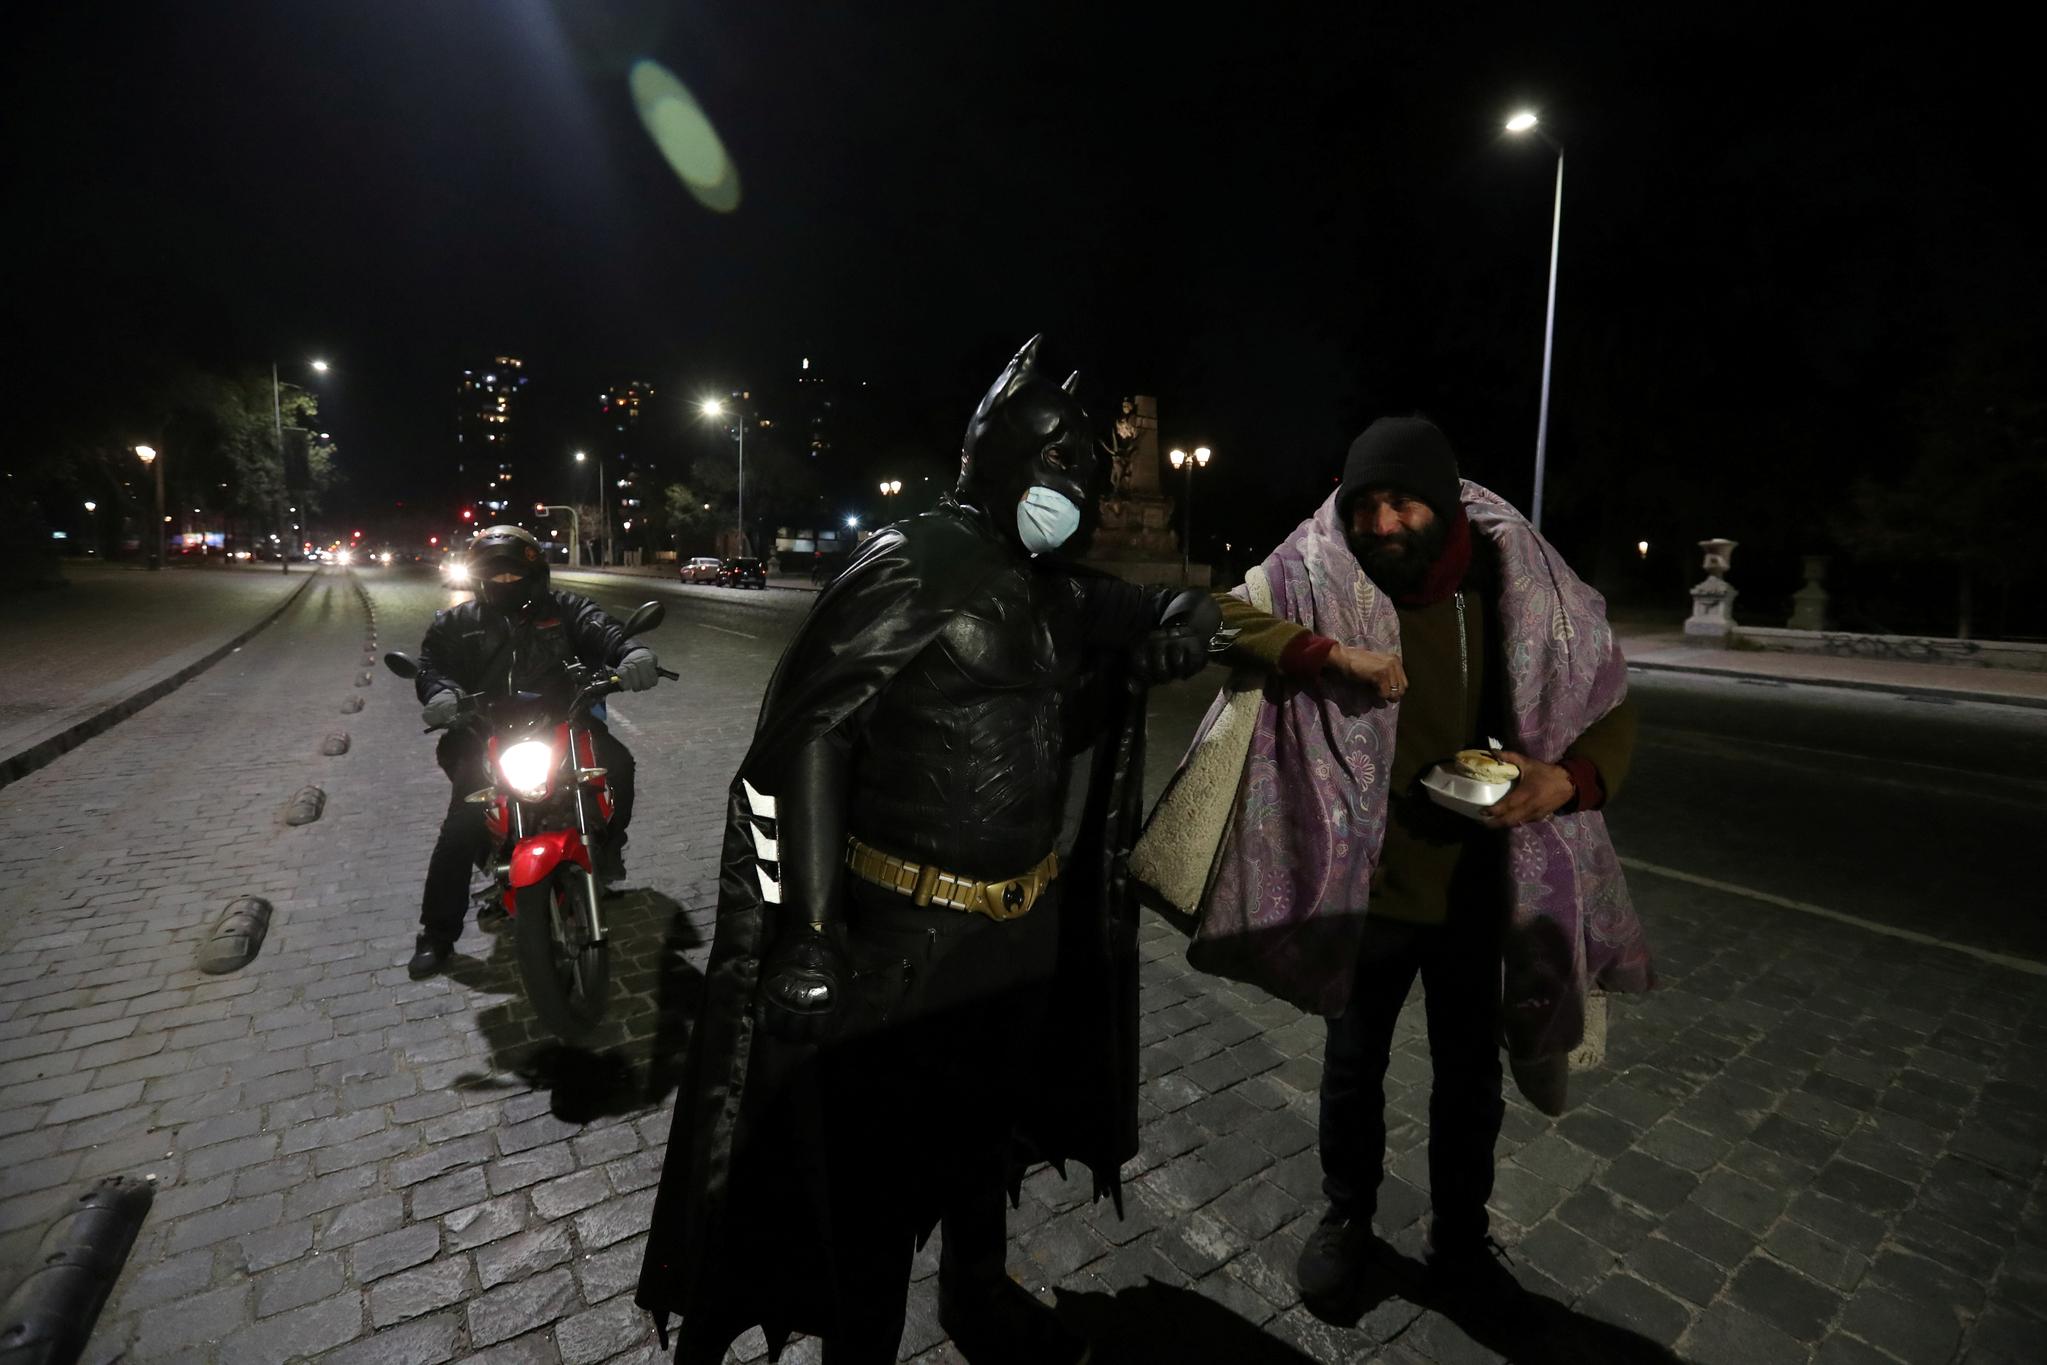 칠레 수도 산티아고에서 가난한 이들을 돕는 '배트맨'이 노숙인과 팔꿈치 인사를 나누고 있다. 로이터=연합뉴스